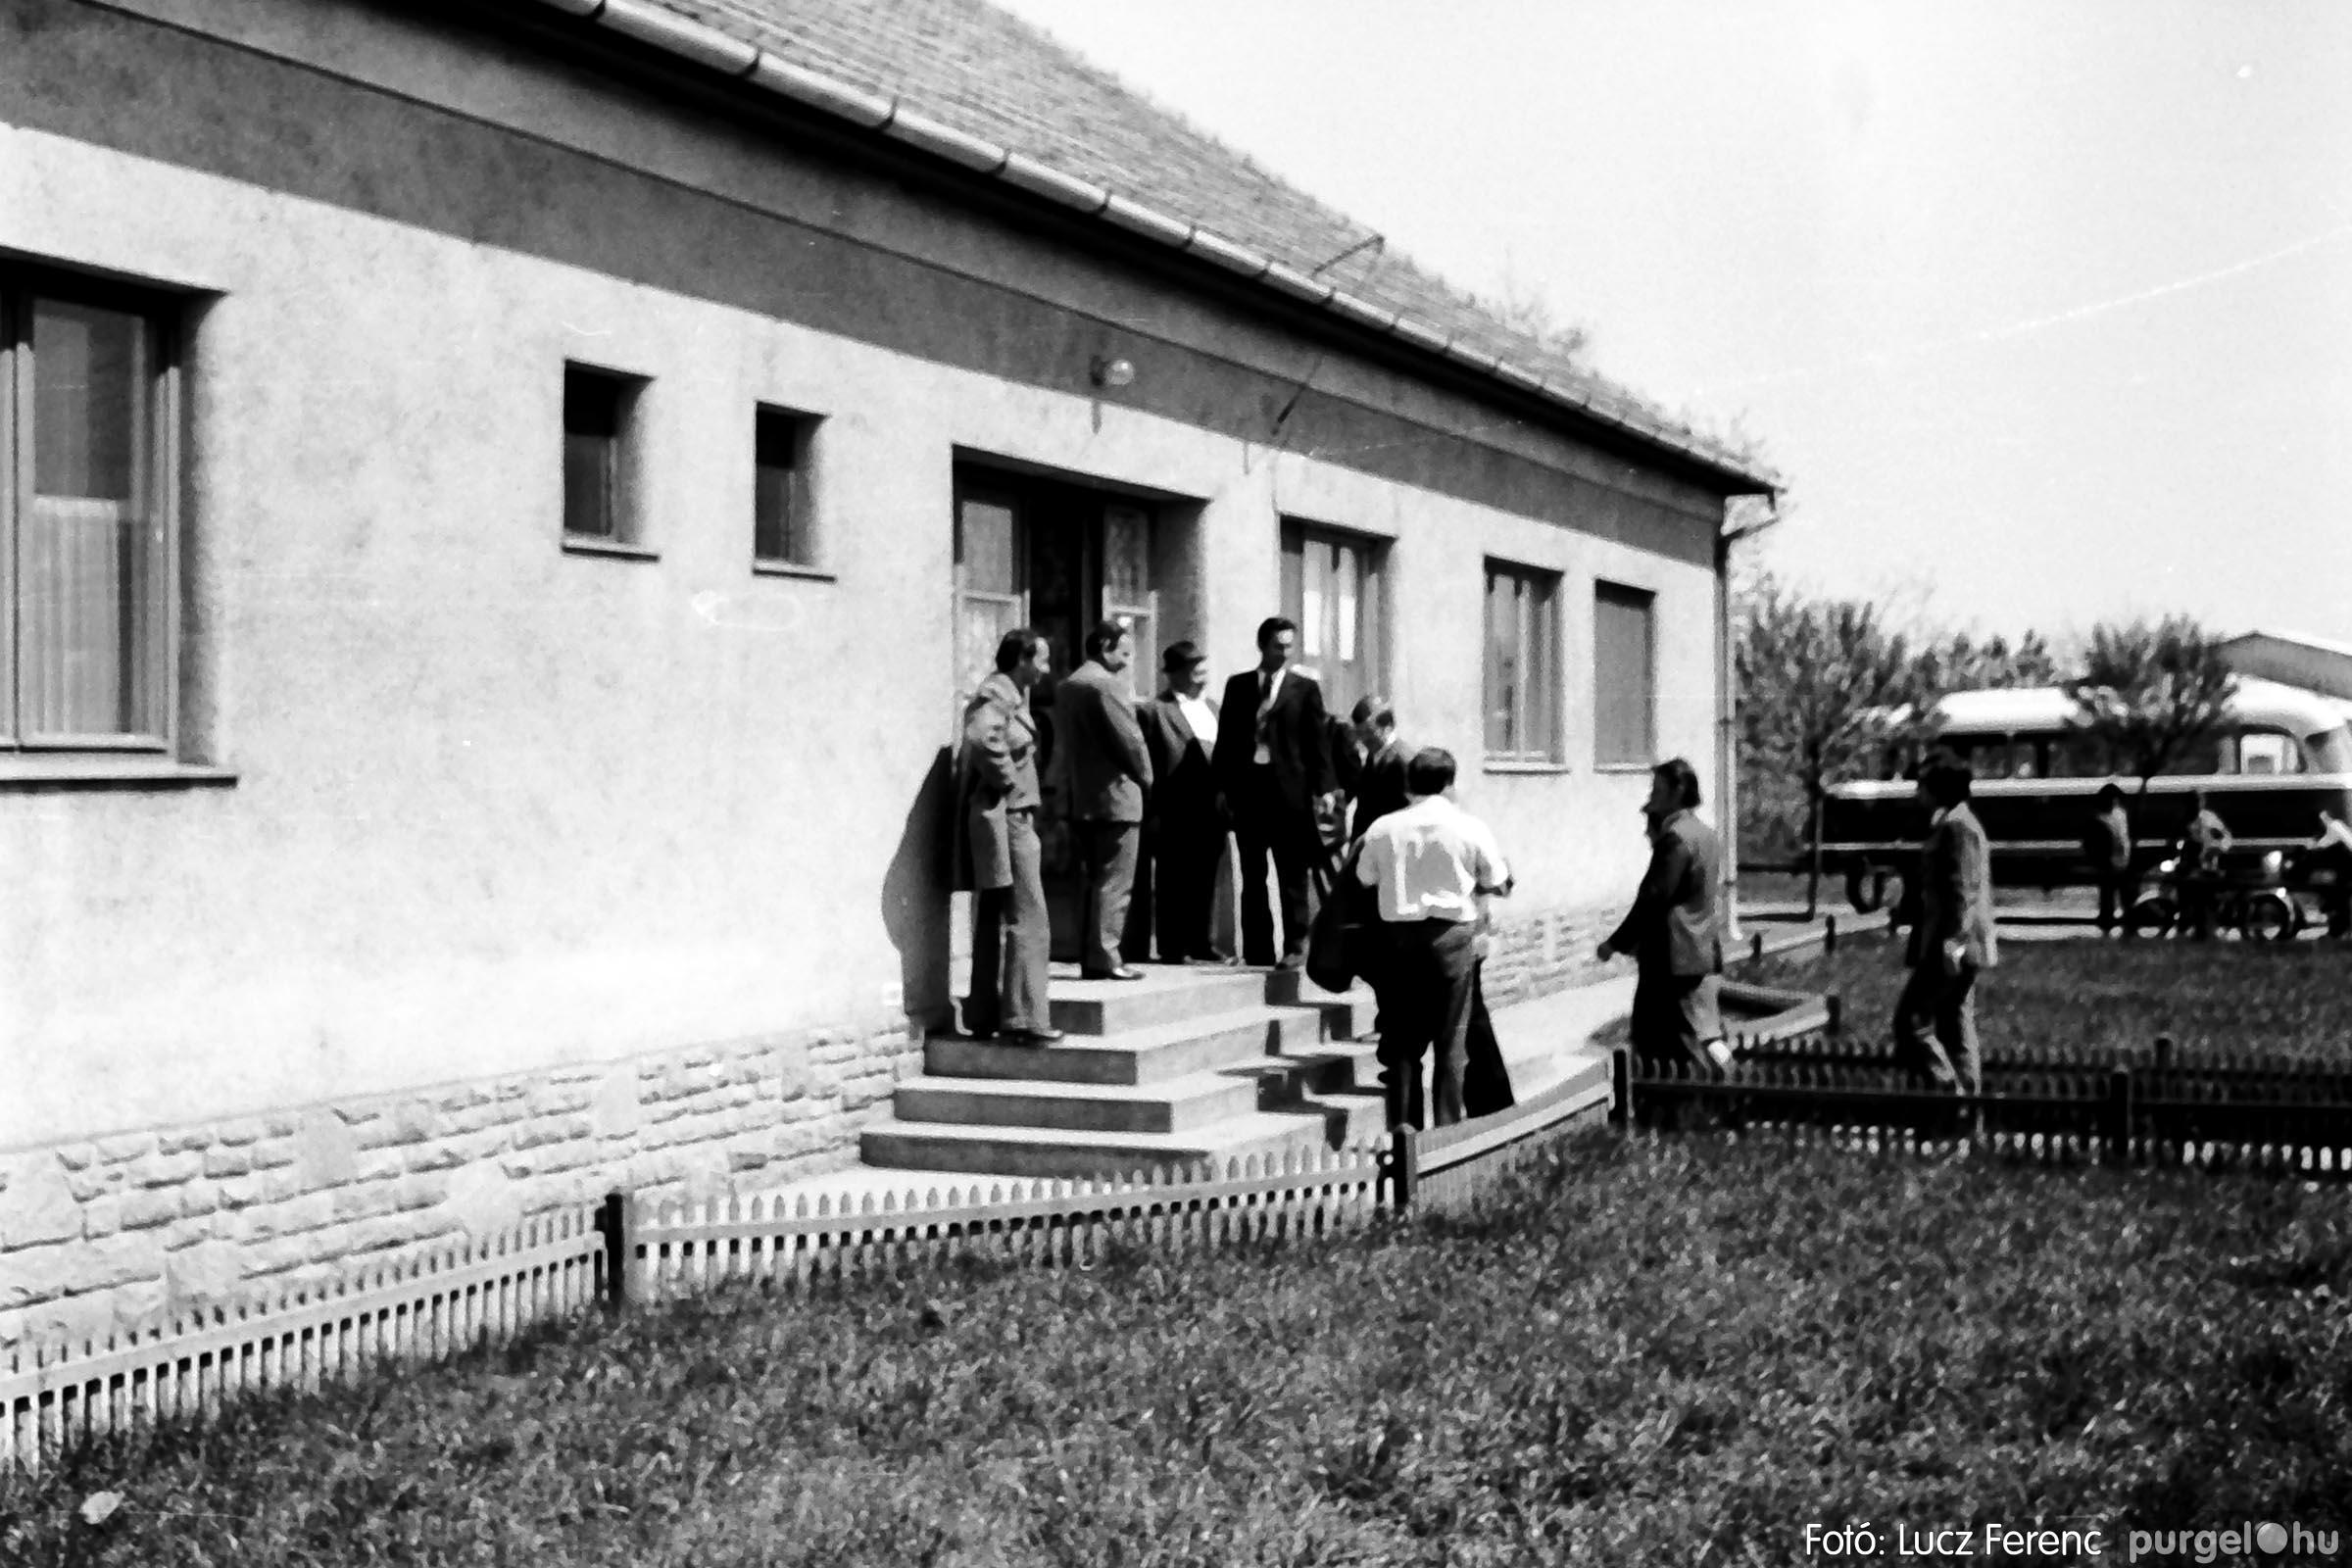 013 1975.04. A felszabadulási munkaverseny győztes üzeme 010 - Fotó: Lucz Ferenc IMG00117q.jpg